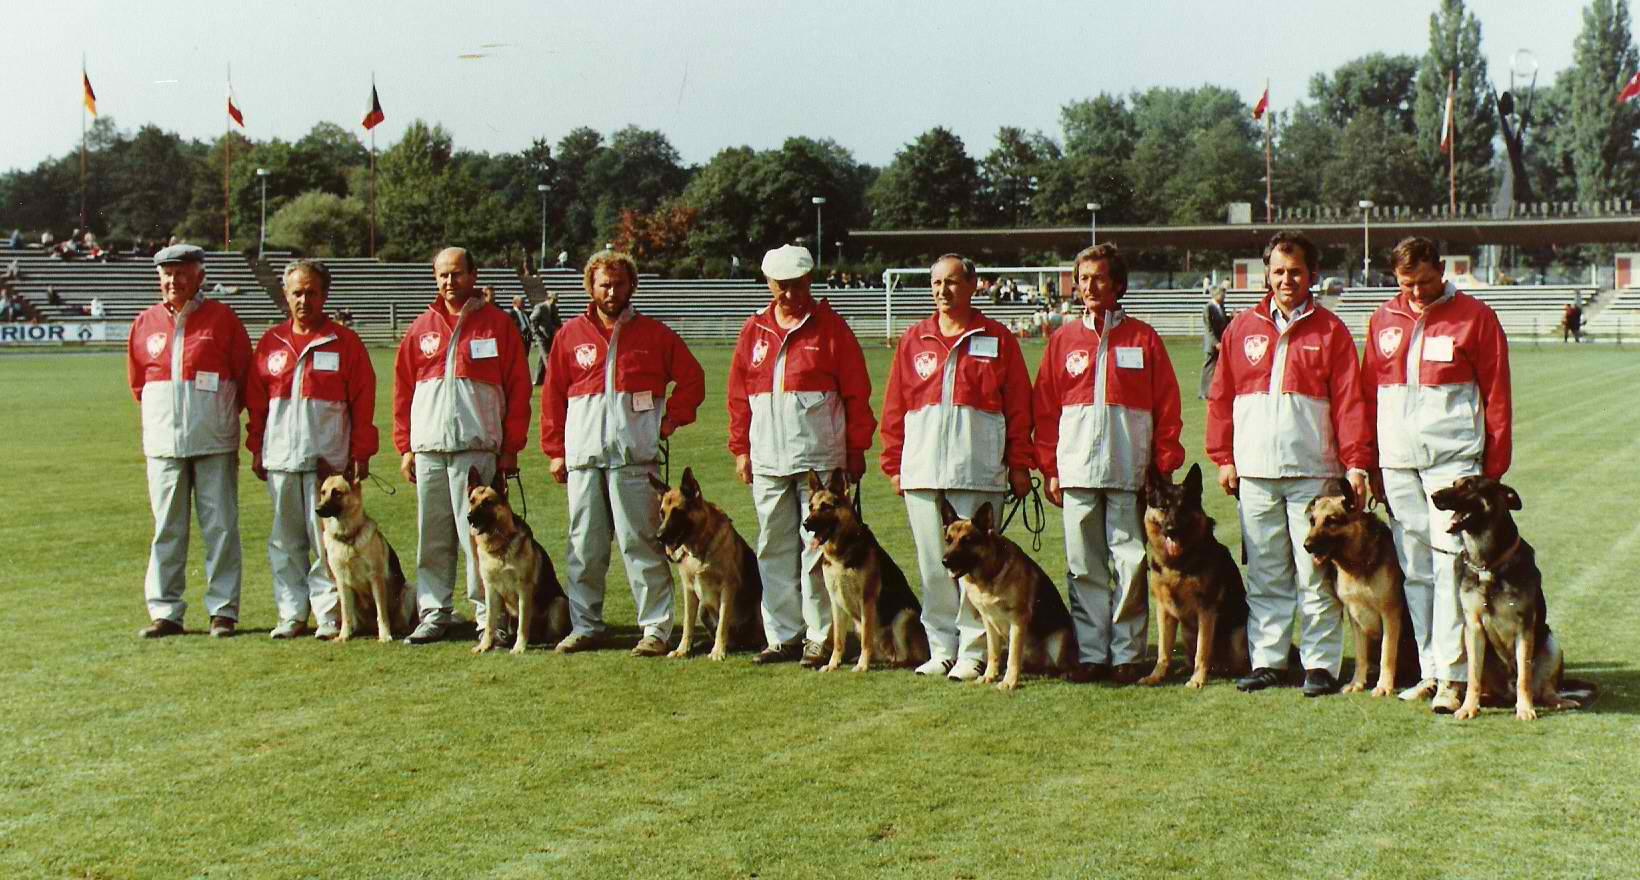 1986_HradecKralove_Mannschaft